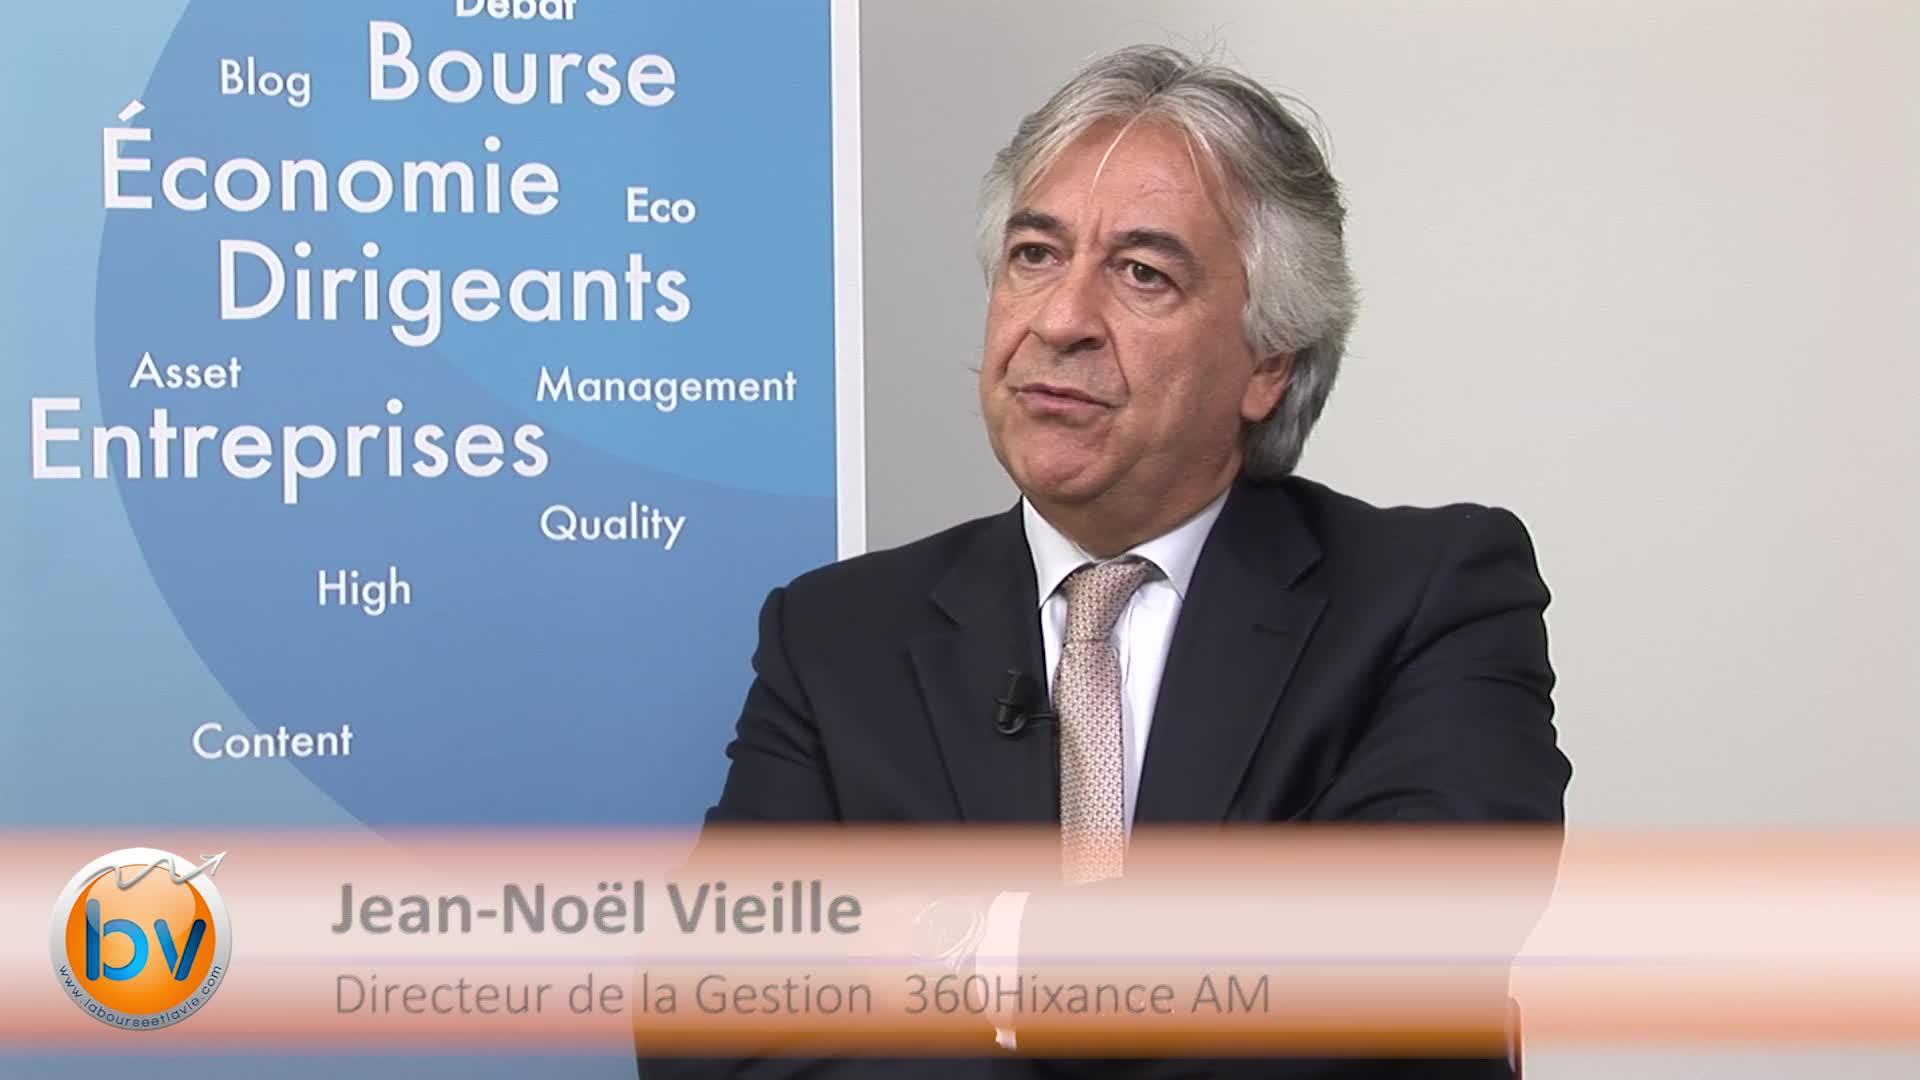 """Jean-Noël Vieille Directeur de la Gestion 360Hixance AM : """"Je reste assez intéressé par le marché américain"""""""